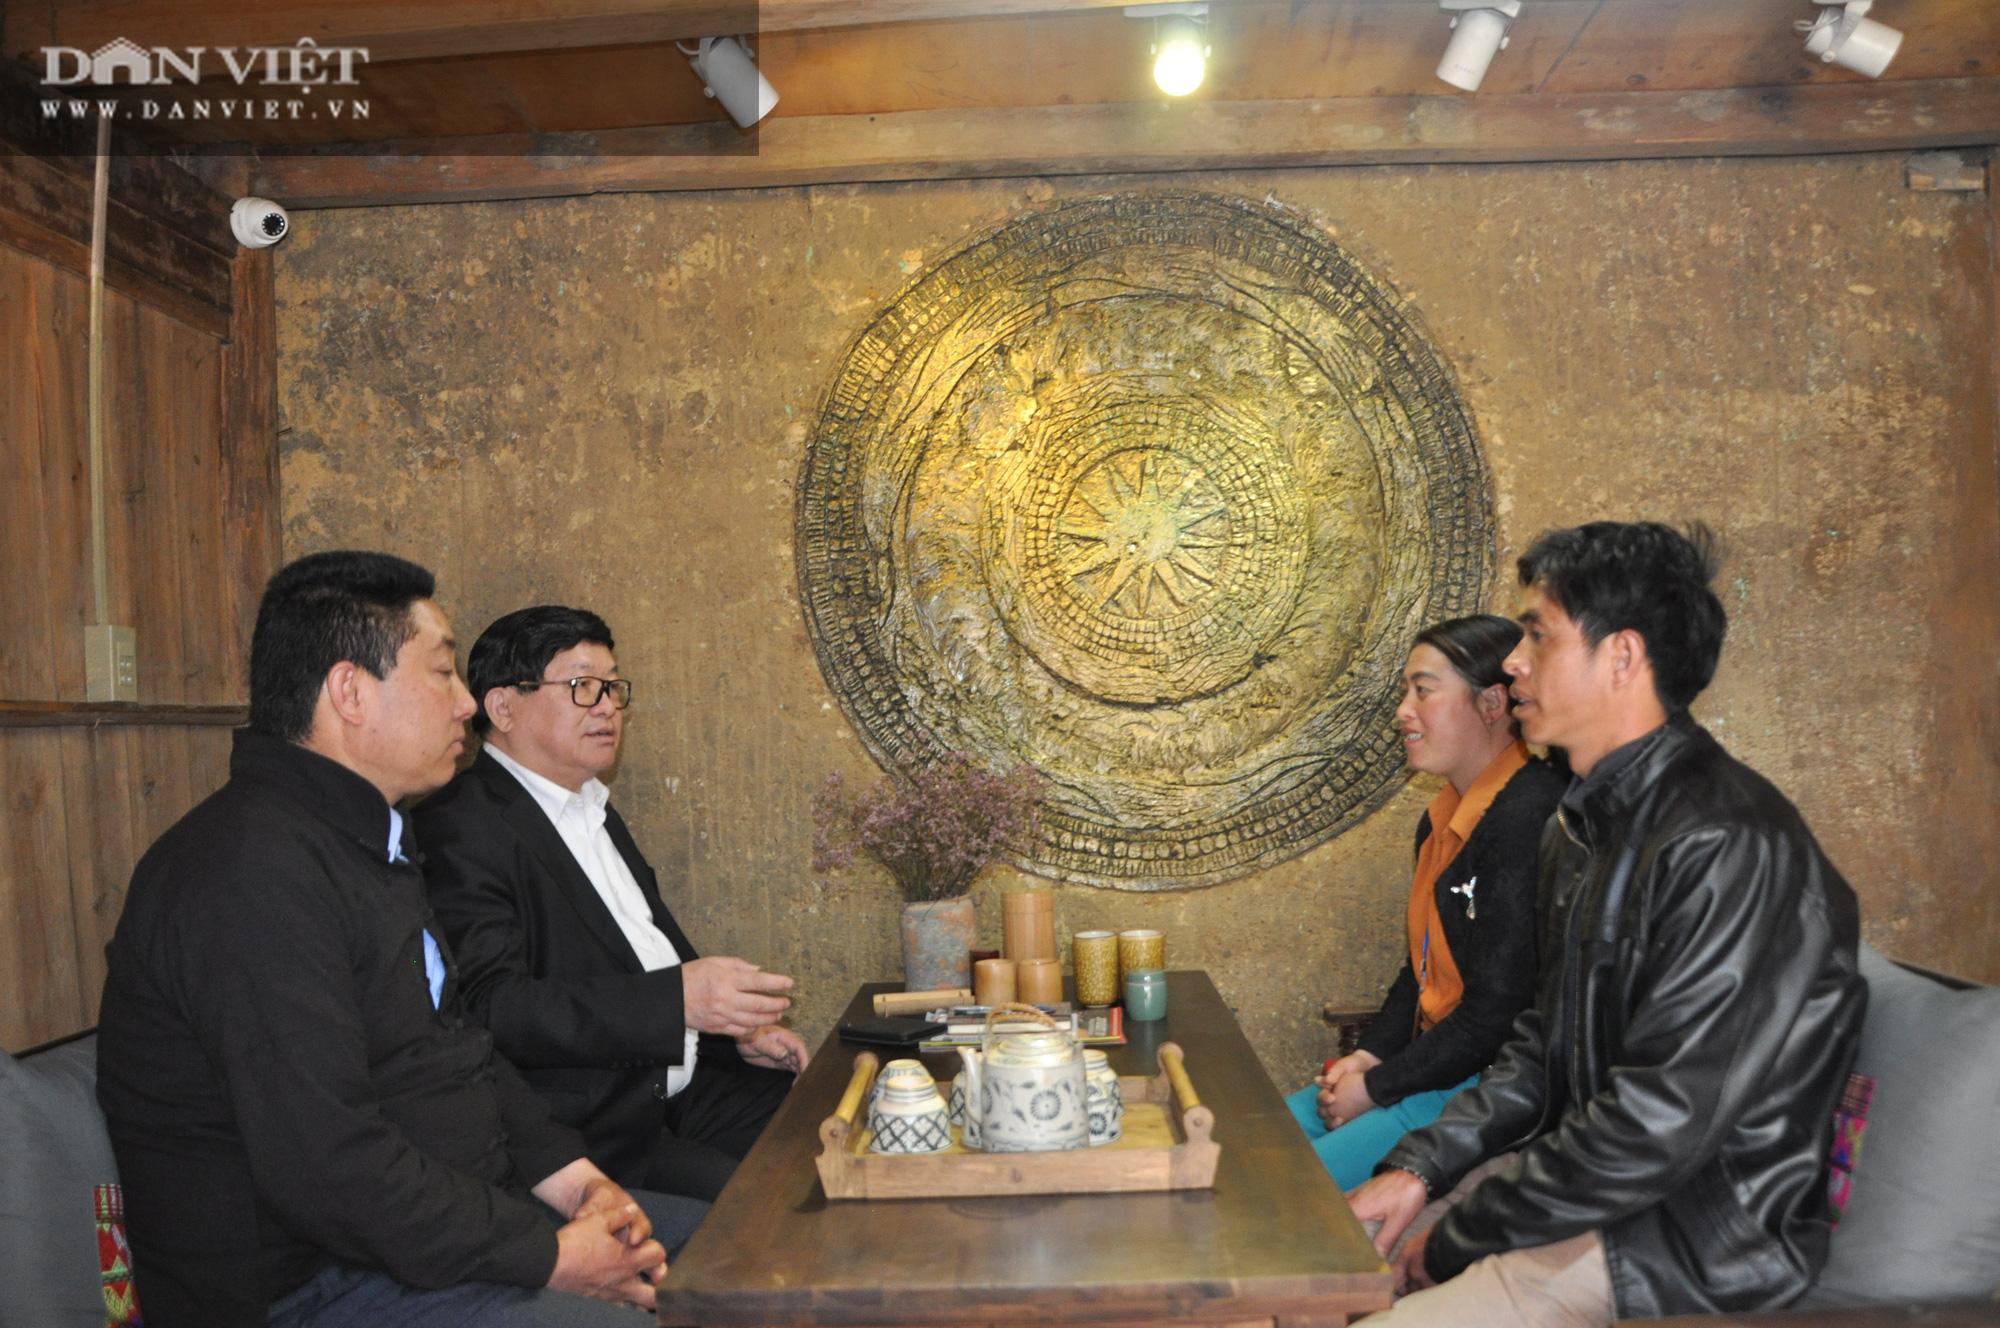 Chủ tịch Hội ND Việt Nam gợi mở giúp huyện núi đá Hà Giang vượt khó - Ảnh 2.